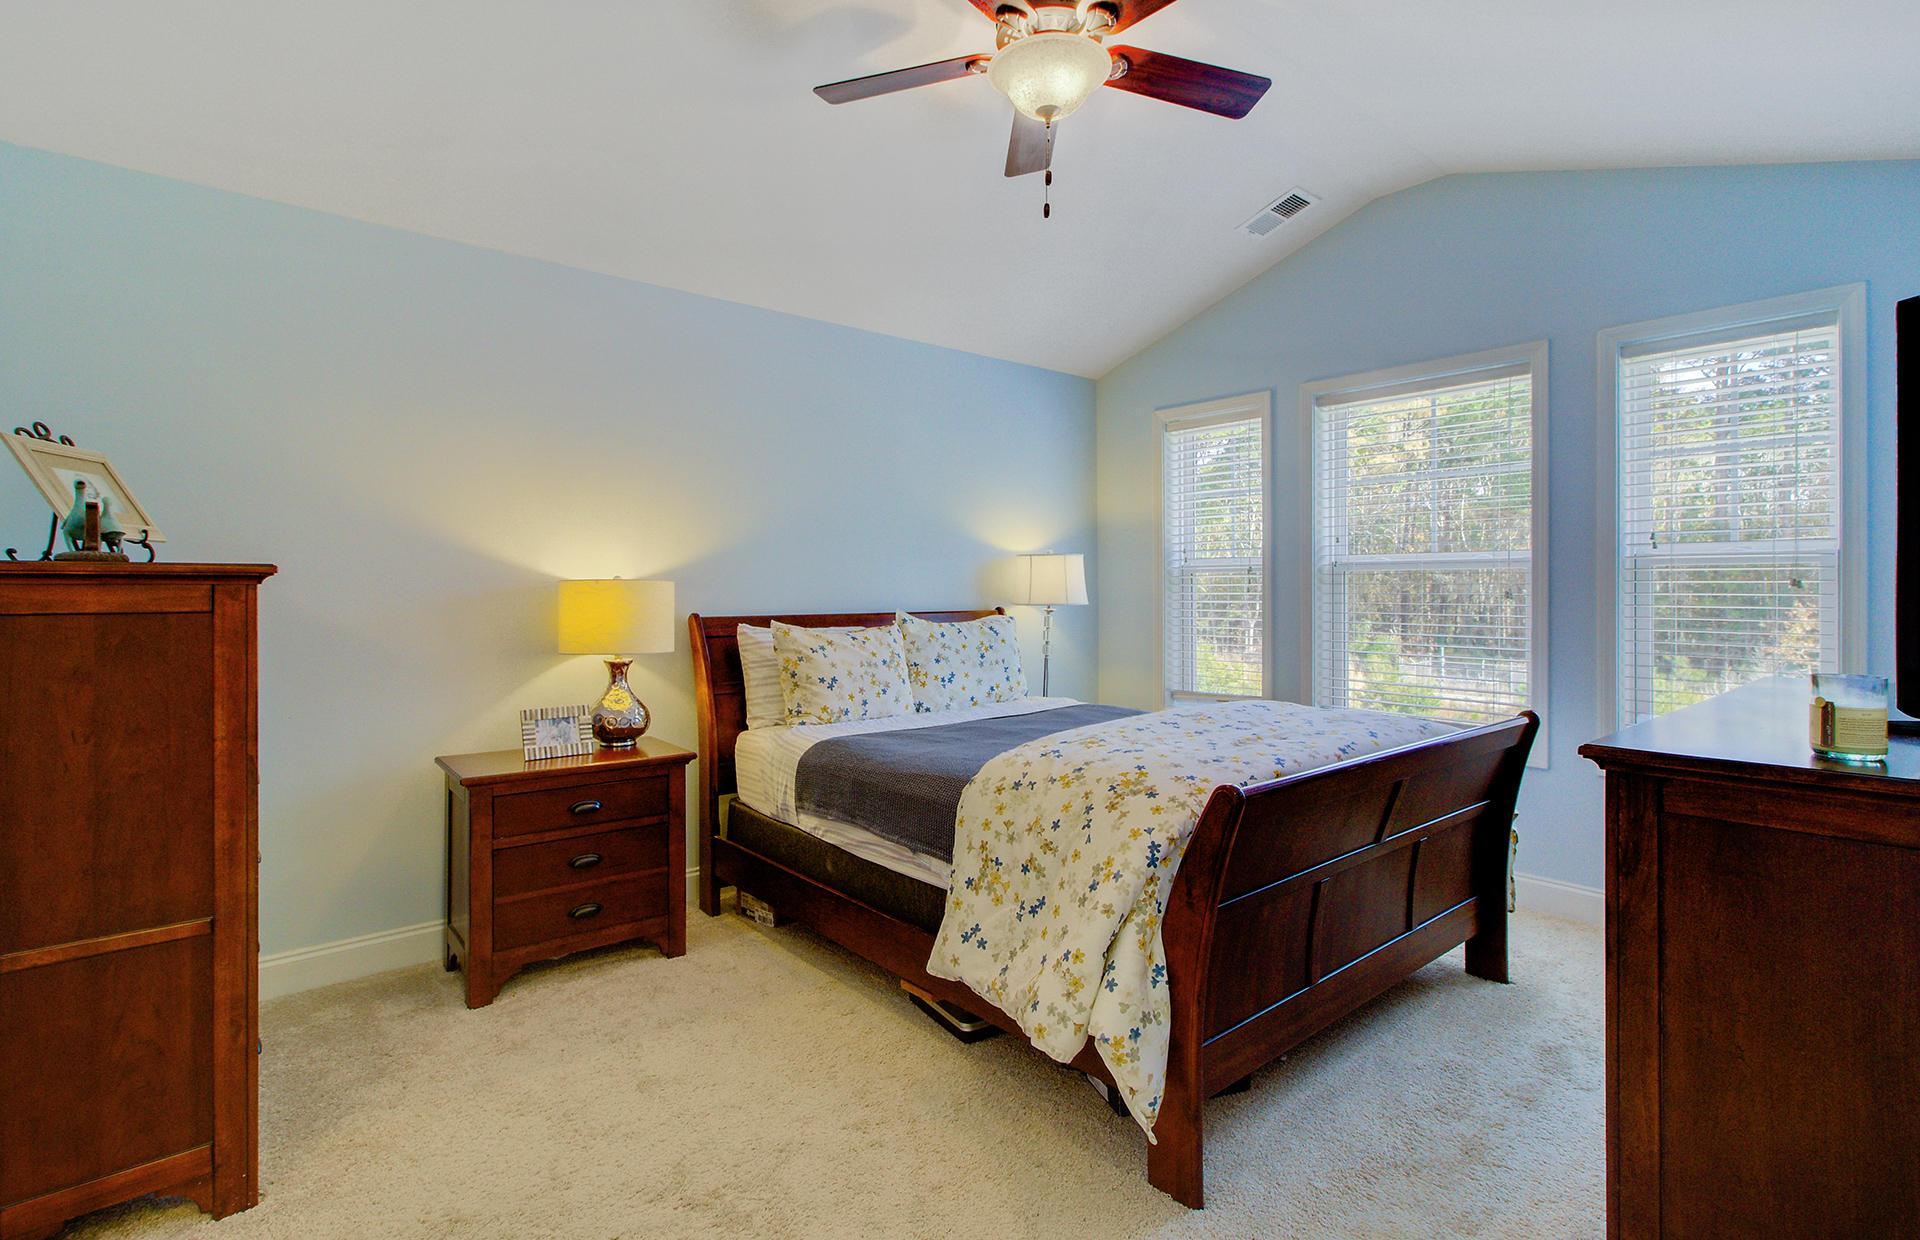 Park West Homes For Sale - 1688 Bridwell, Mount Pleasant, SC - 6